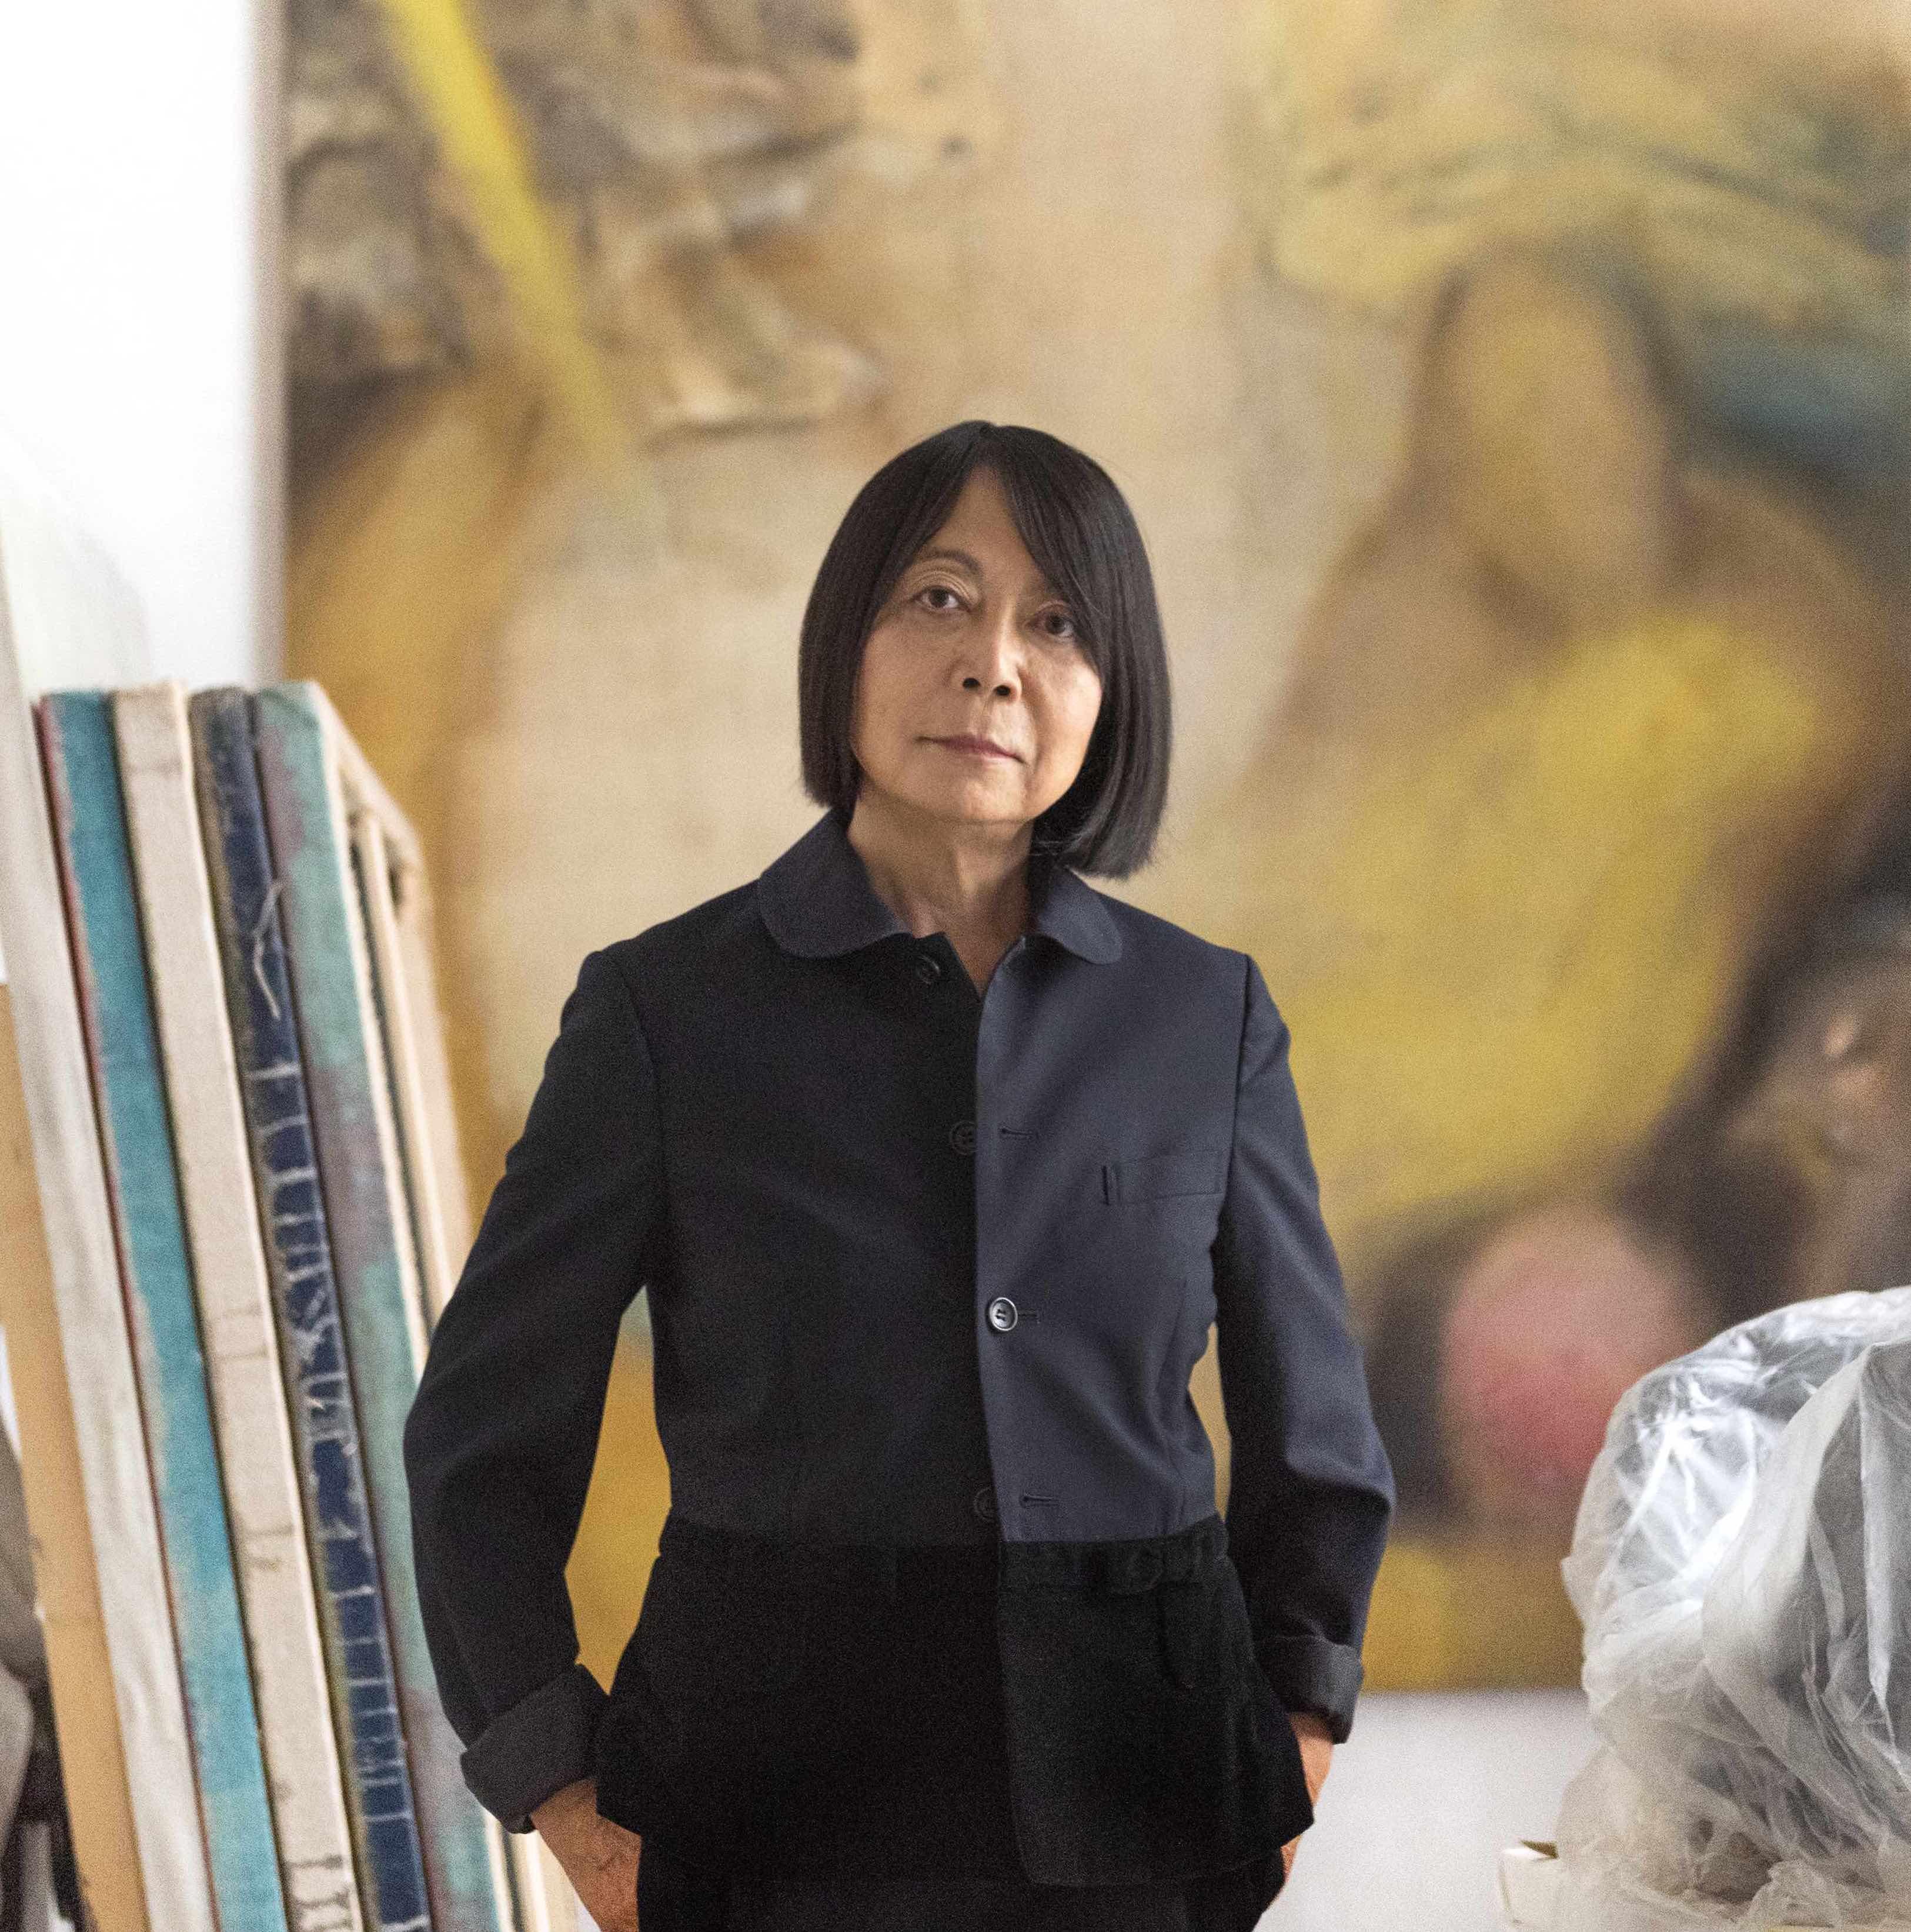 #9 Leiko Ikemura im Gespräch mit Lisa Zeitz